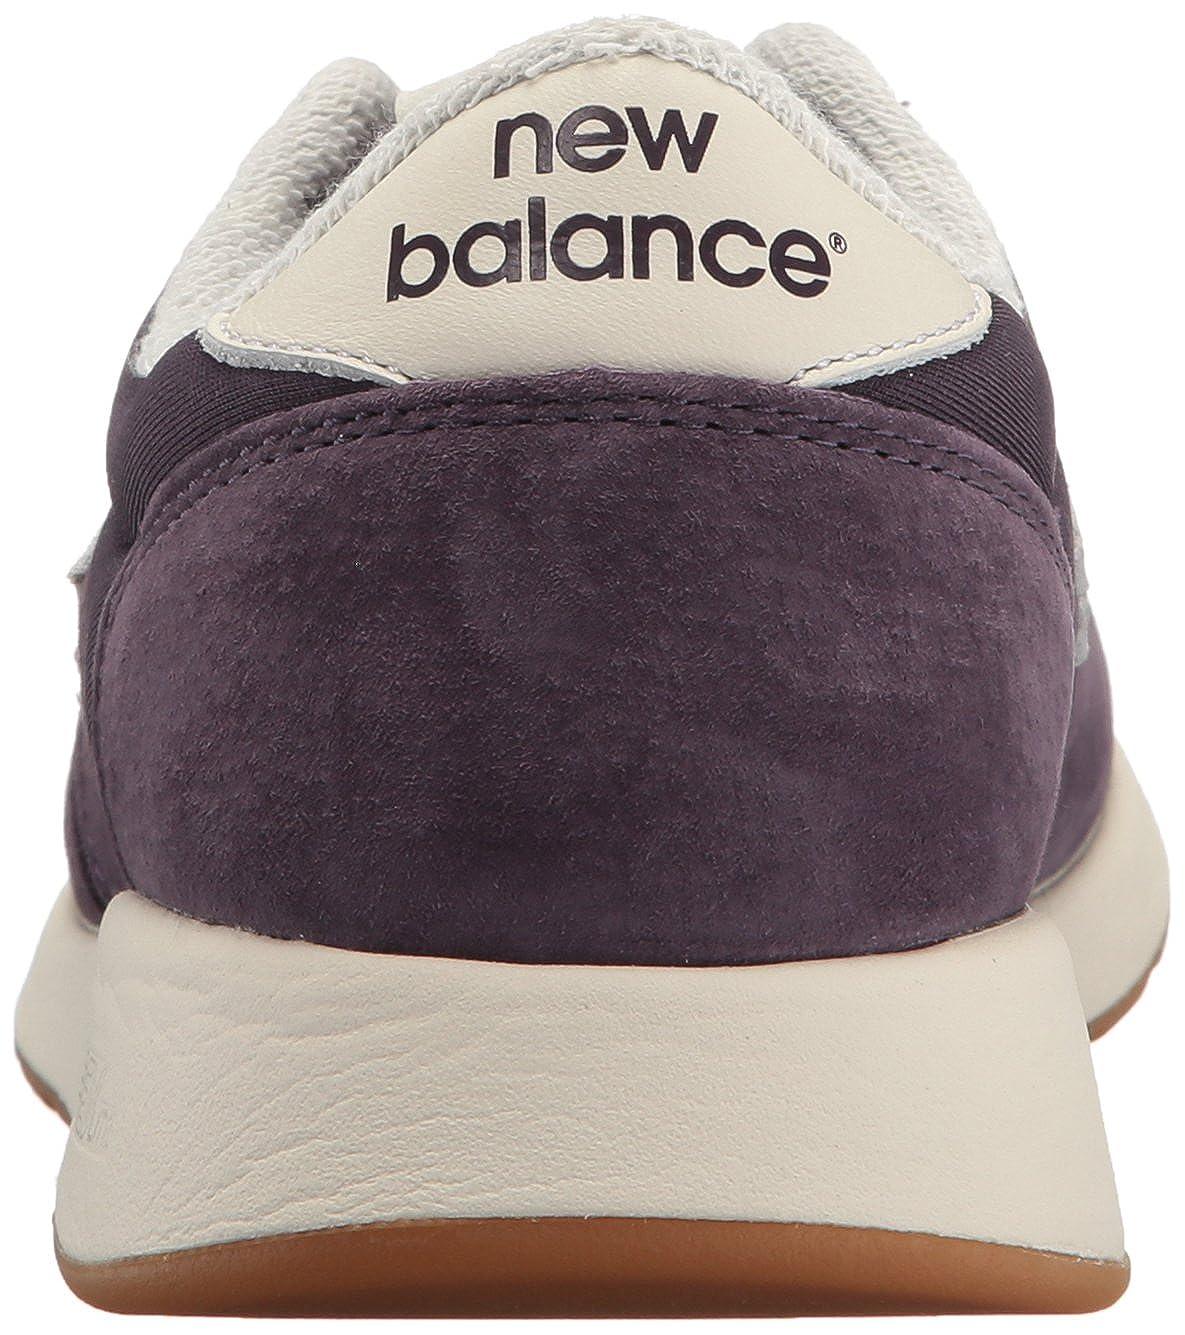 New Balance Sport Scarpe per per per Le Donne, colore Arancione, Marca, Modello Sport Scarpe per Le Donne WRL420 RA Arancione 394370